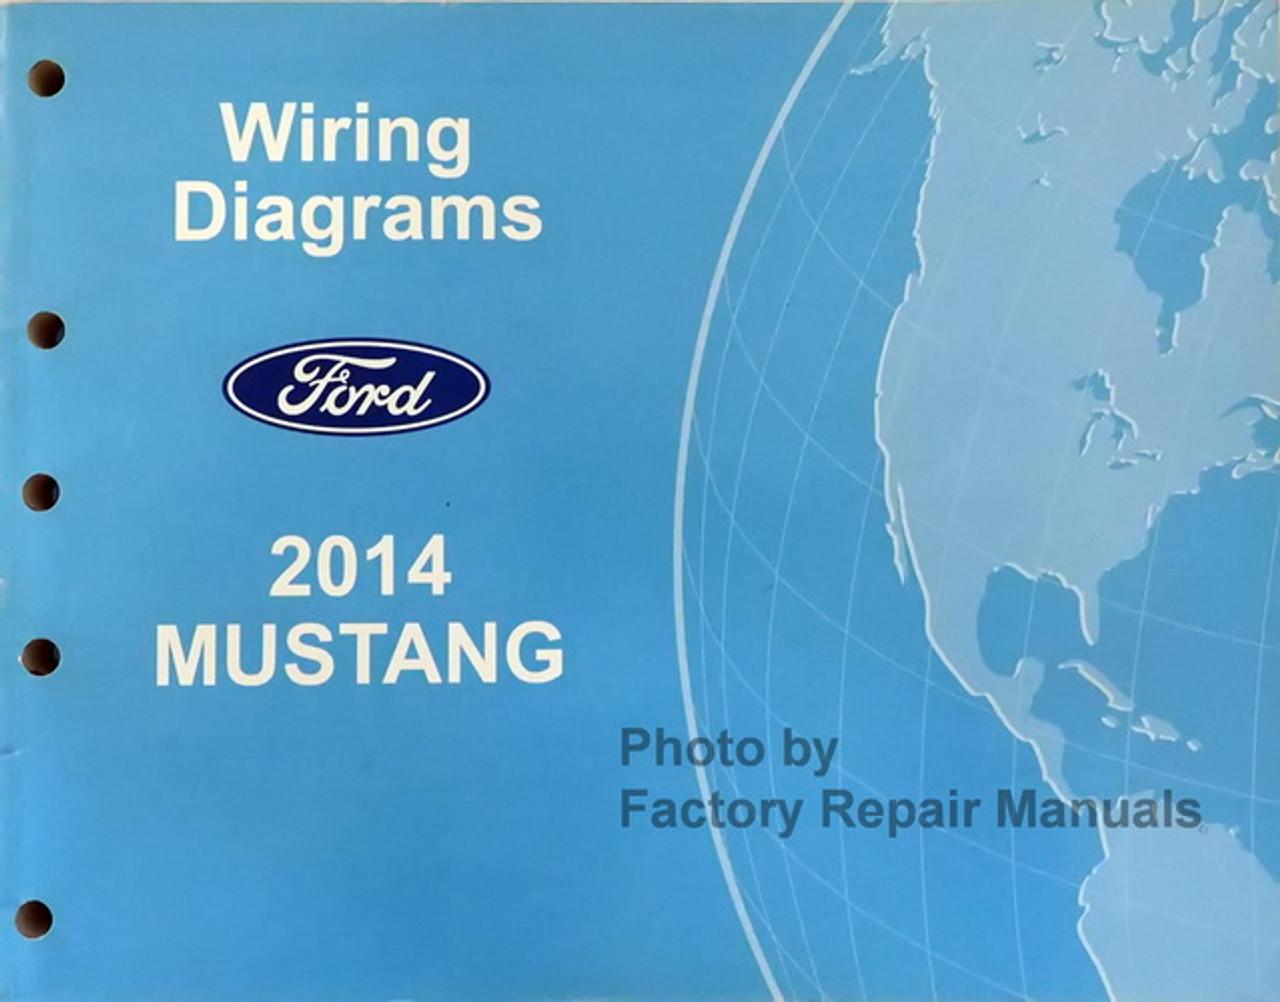 2014 Ford Mustang Electrical Wiring Diagrams Manual Original - Factory  Repair Manuals | 2014 Mustang Backup Camera Wiring Diagram |  | Factory Repair Manuals